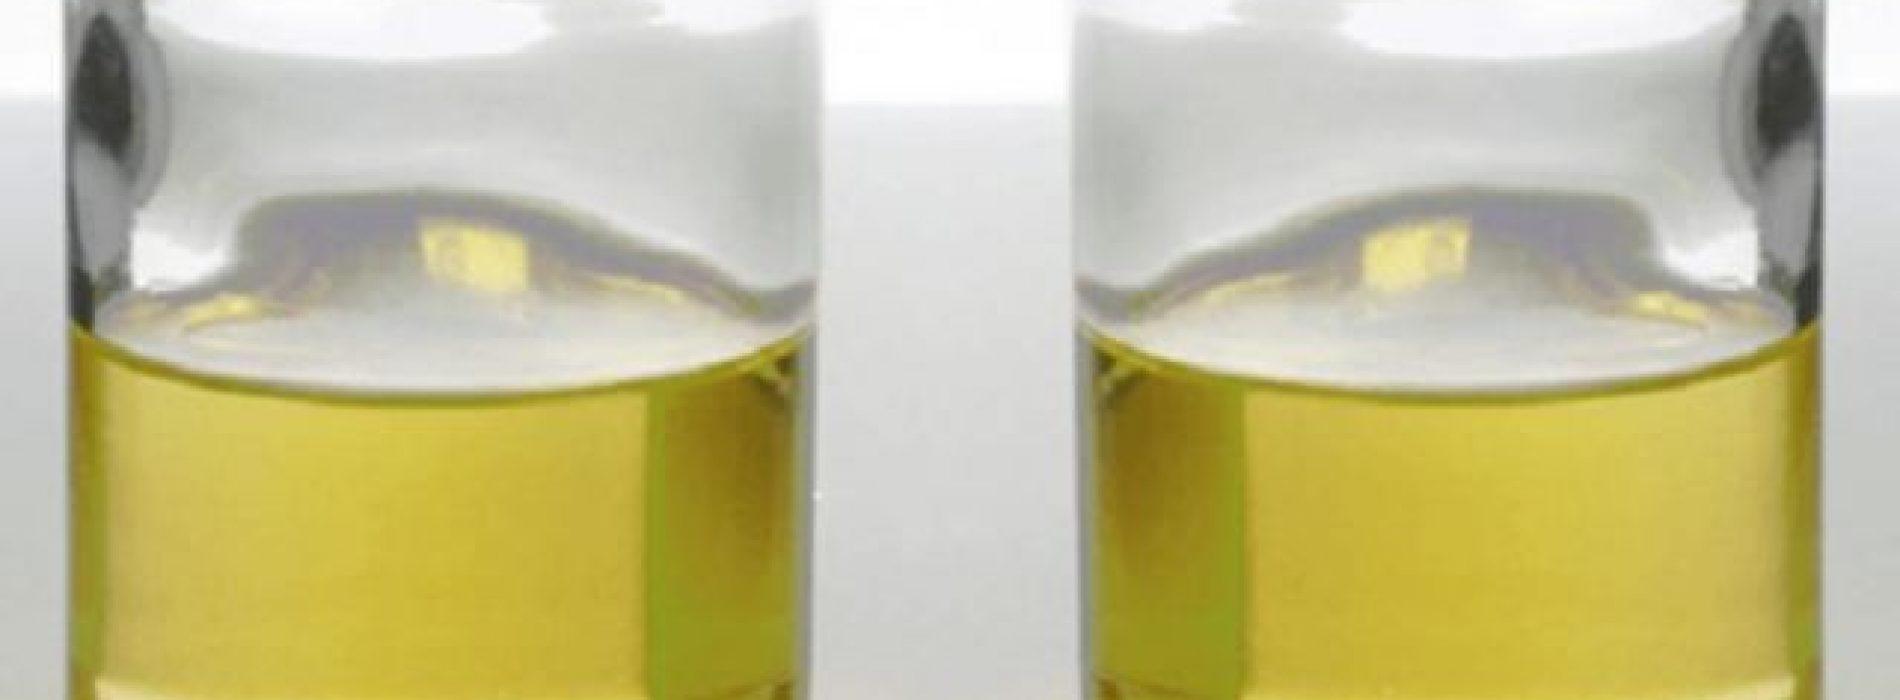 Zwarte peperolie kan urinezuur verwijderen, vermindert angst, verslaat alcohol en het verlangen naar sigaretten en artritis (VIdeo)